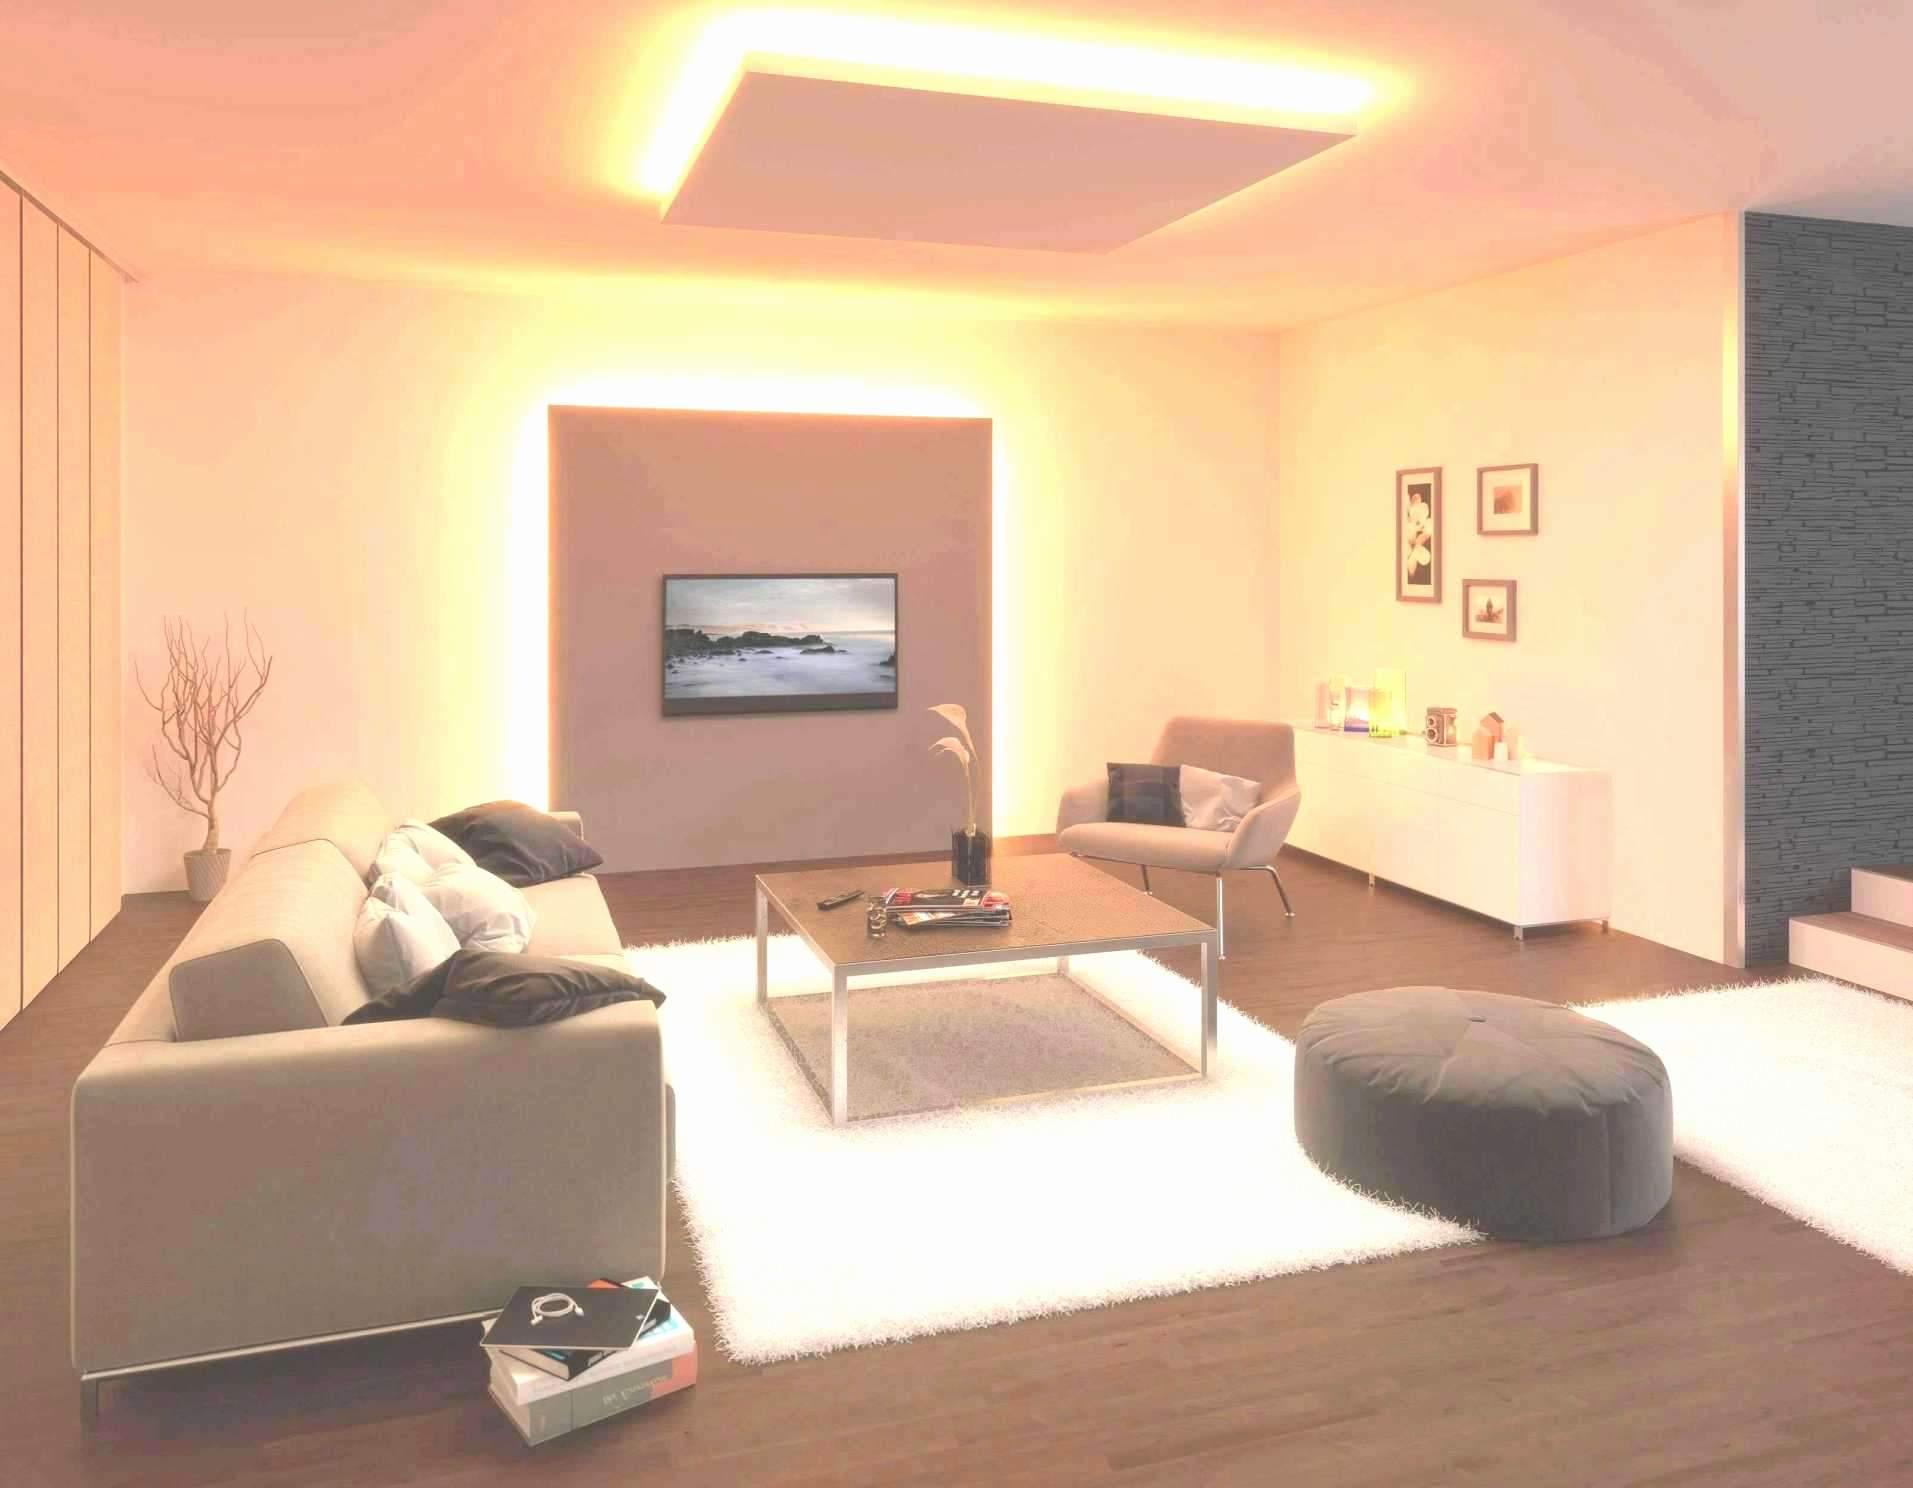 wildes wohnzimmer einzigartig 61 elegant einfach wohnzimmer nobel dekoideen wohnzimmer of wildes wohnzimmer